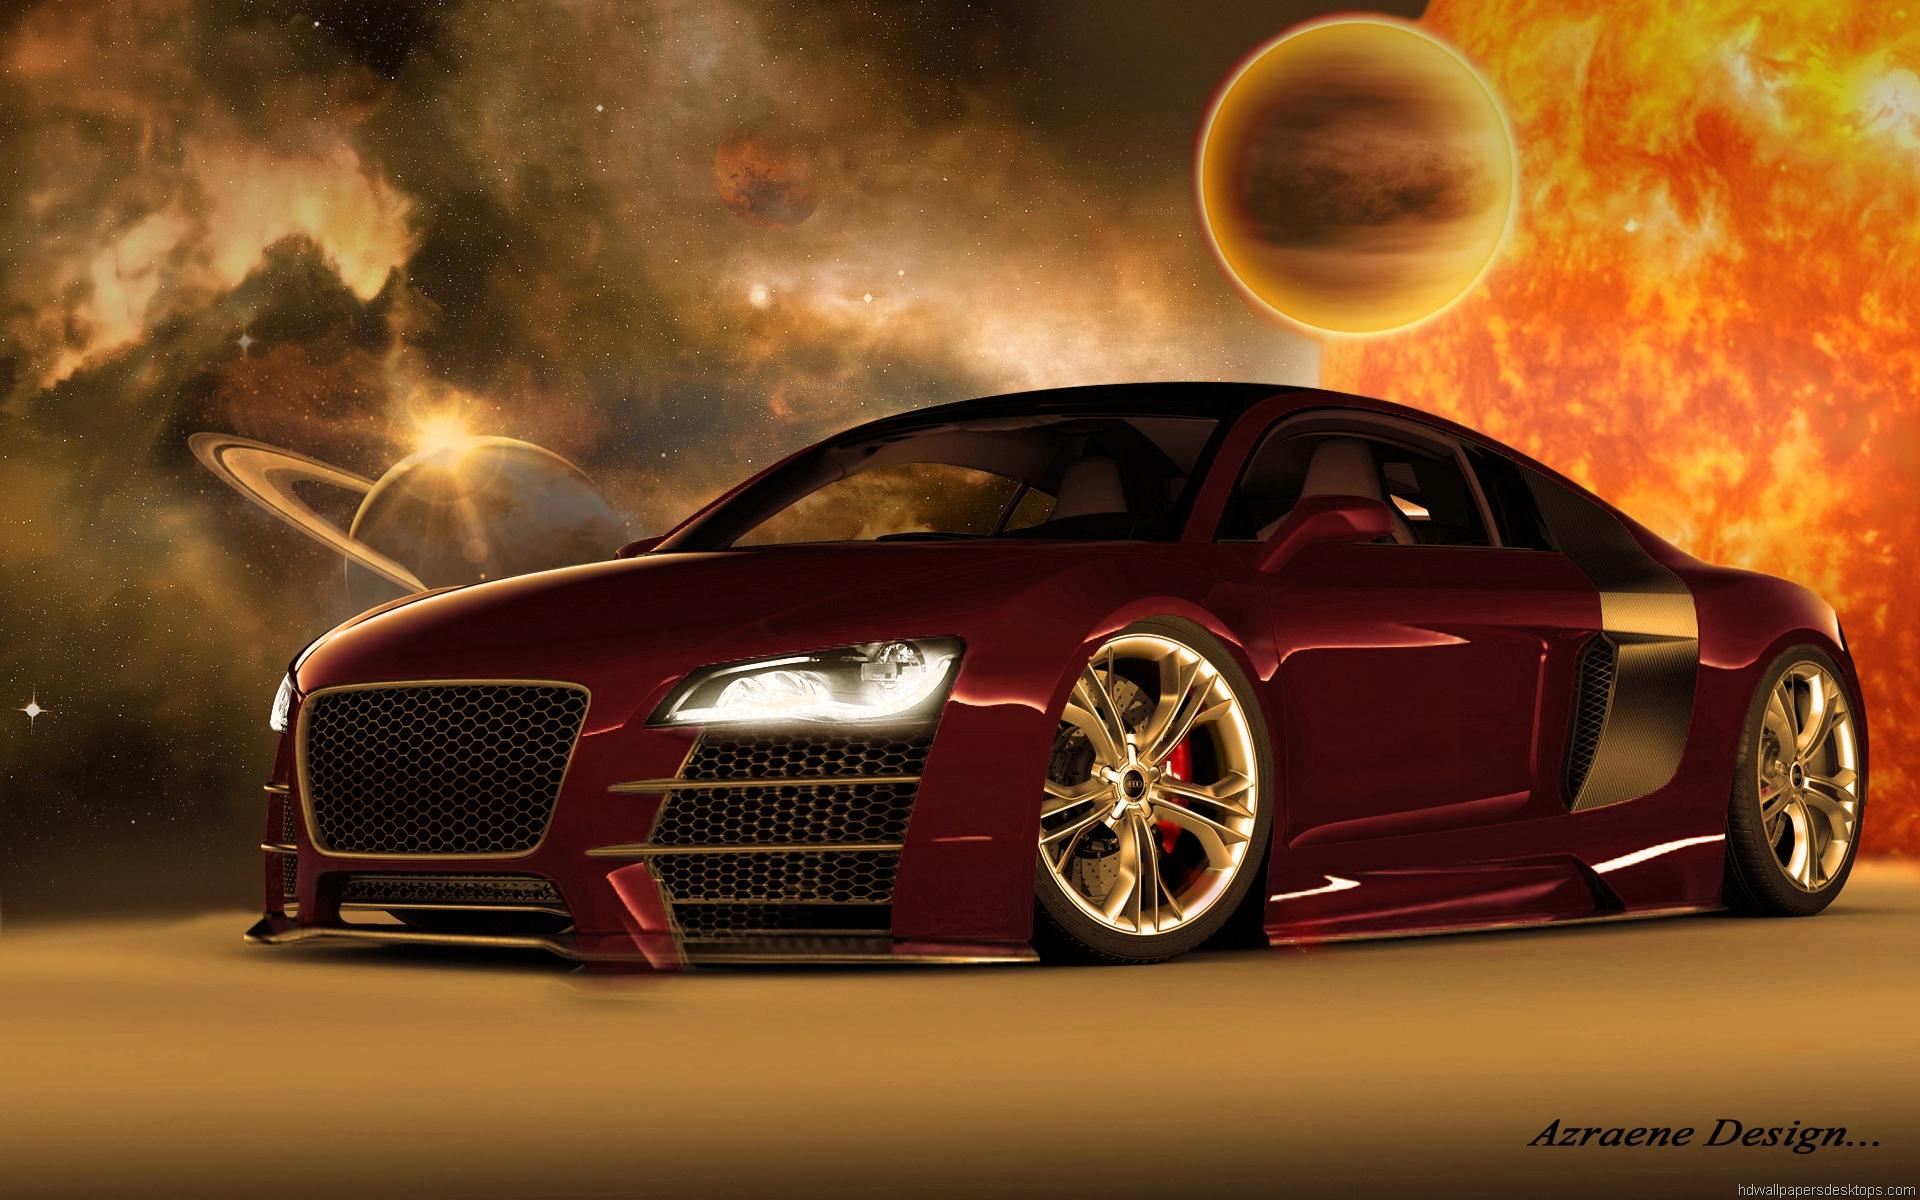 Hd Cars Wallpapers 1080p - WallpaperSafari